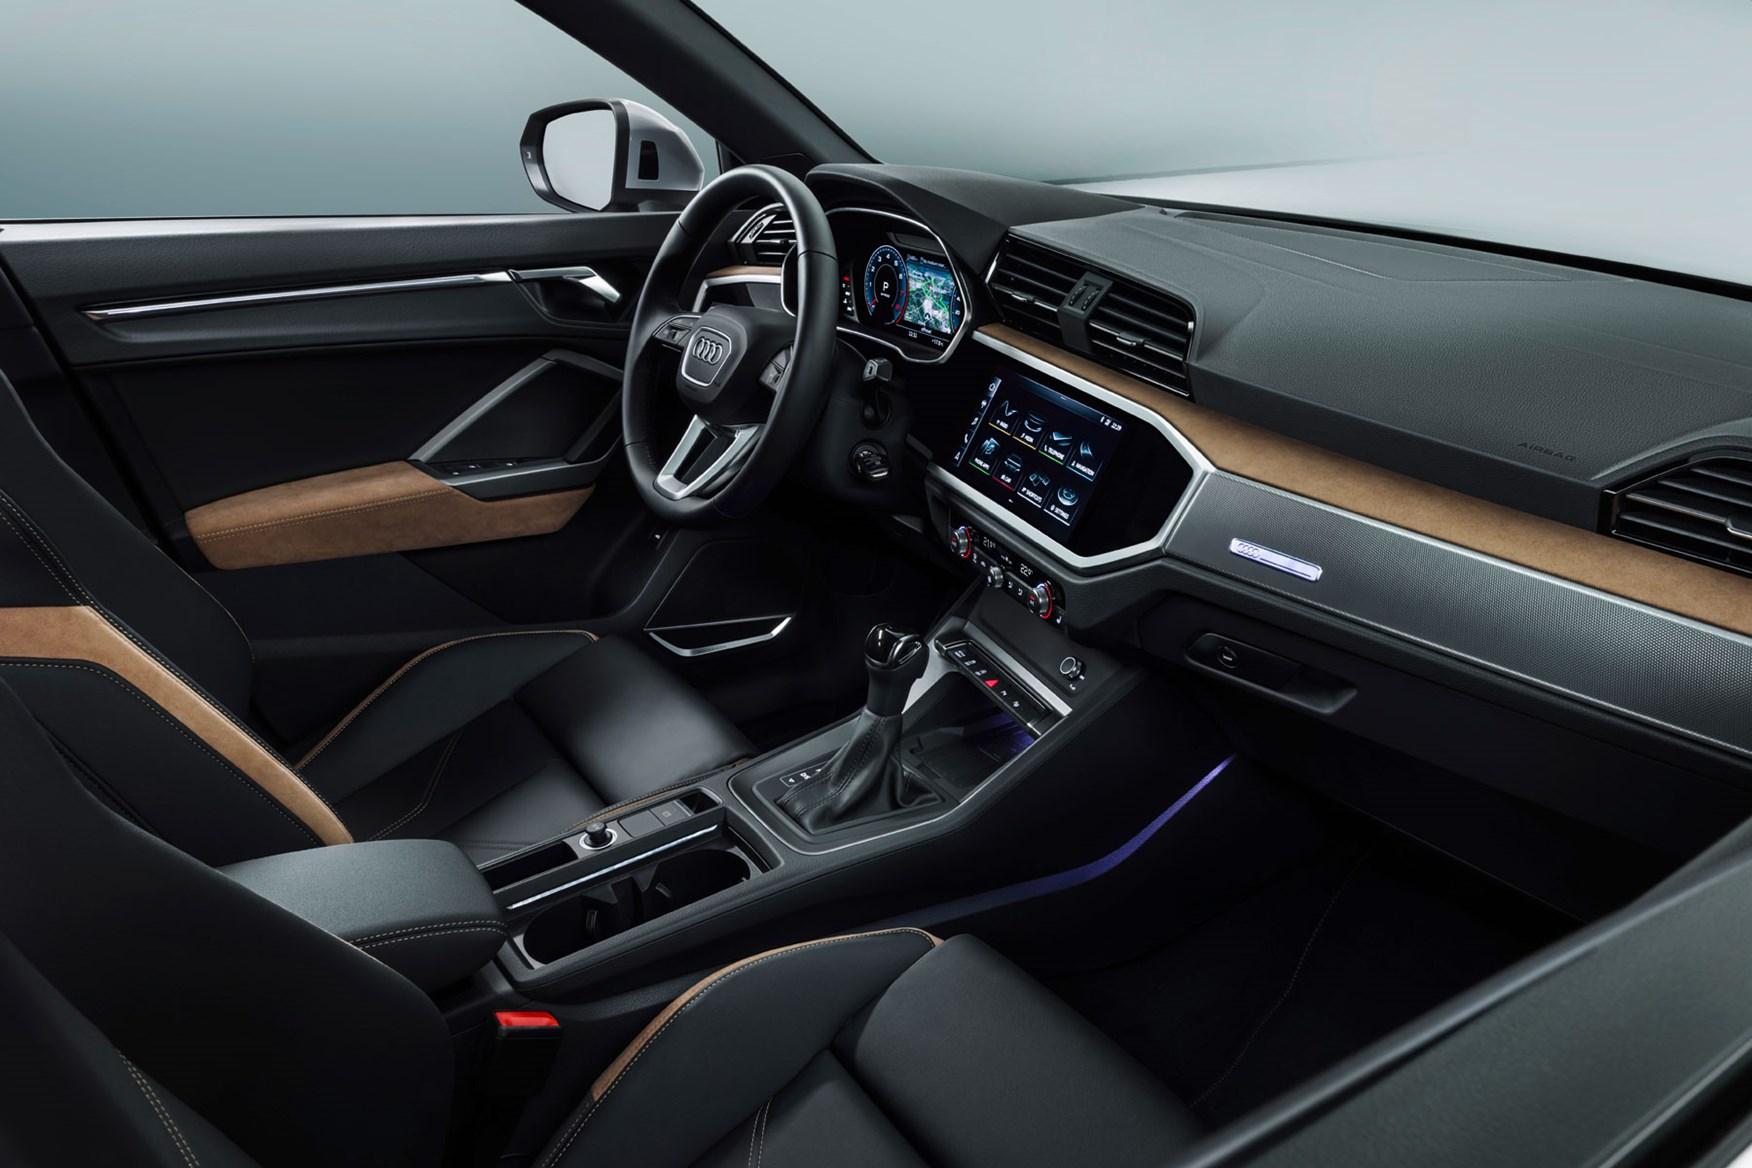 Audi Q3 (2018) interior cockpit cabin design